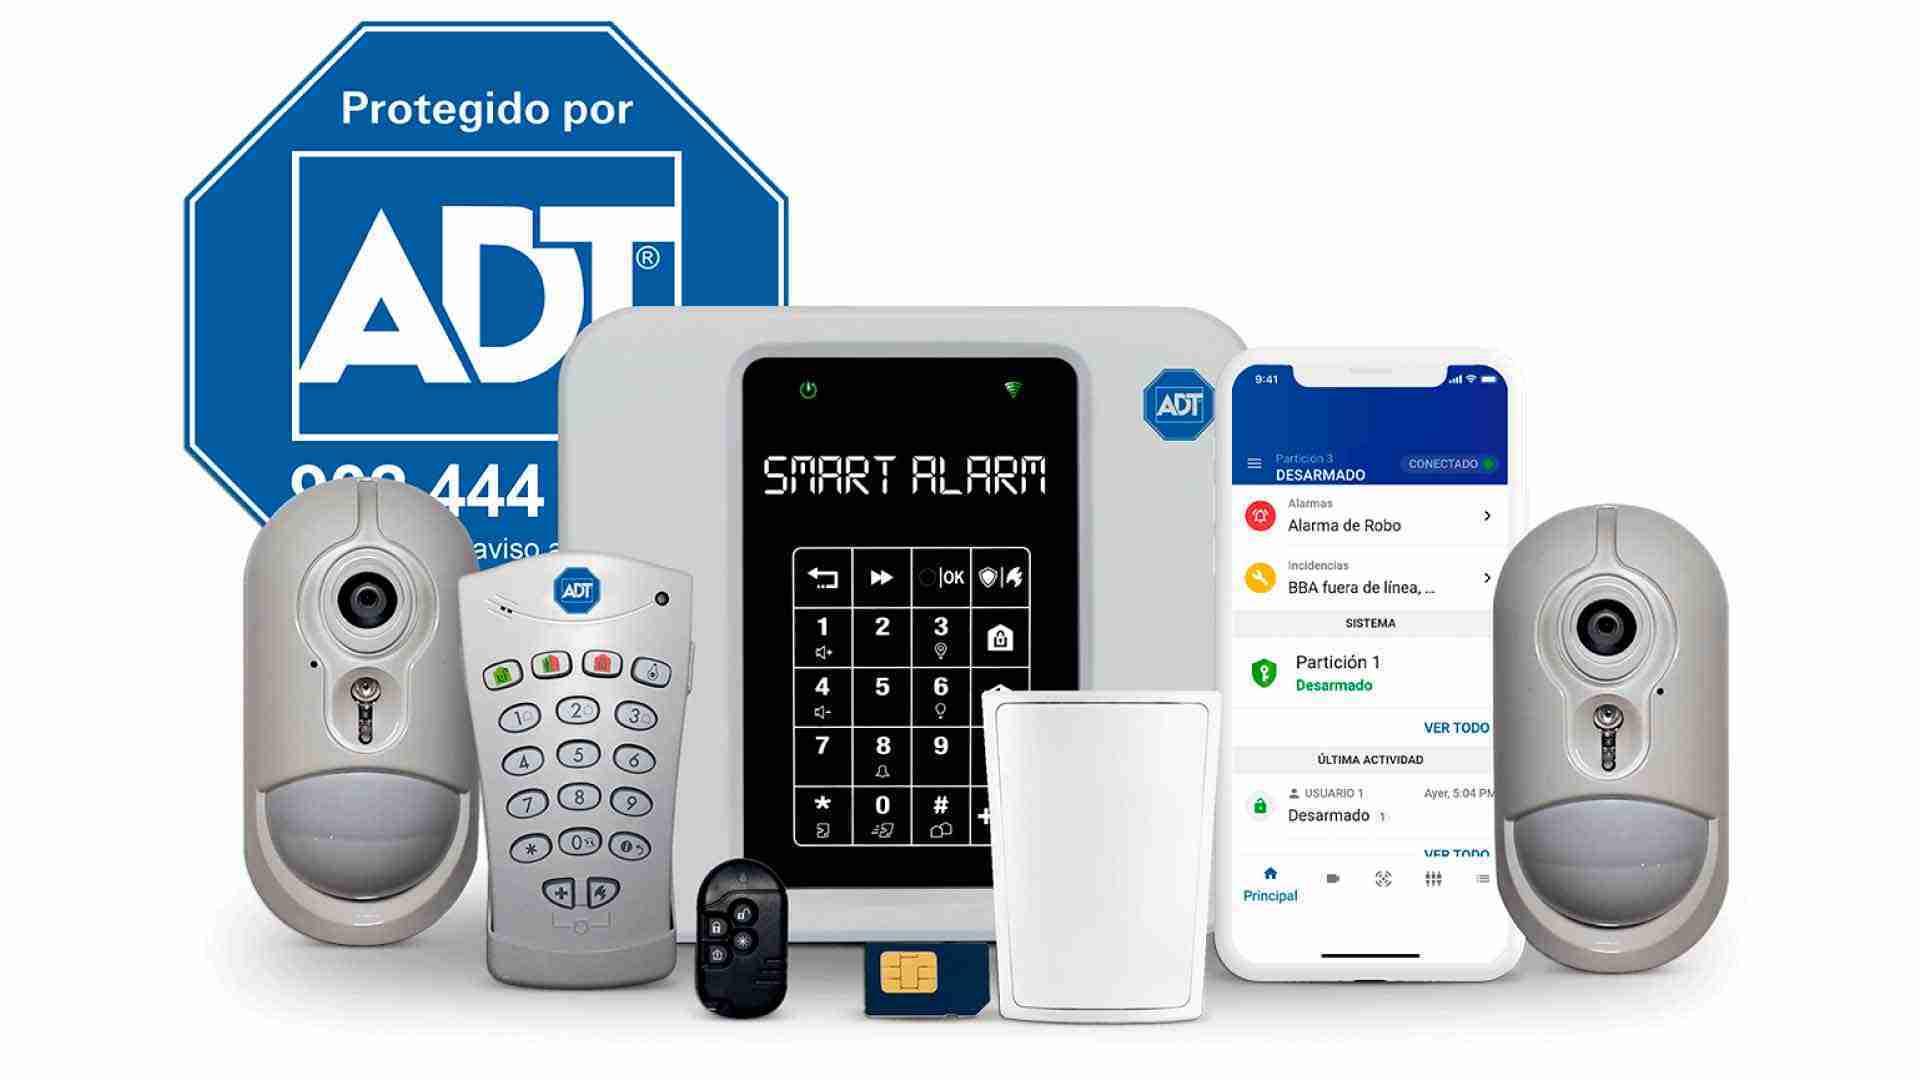 kit de alarma adt para casa hogar alarma negocio